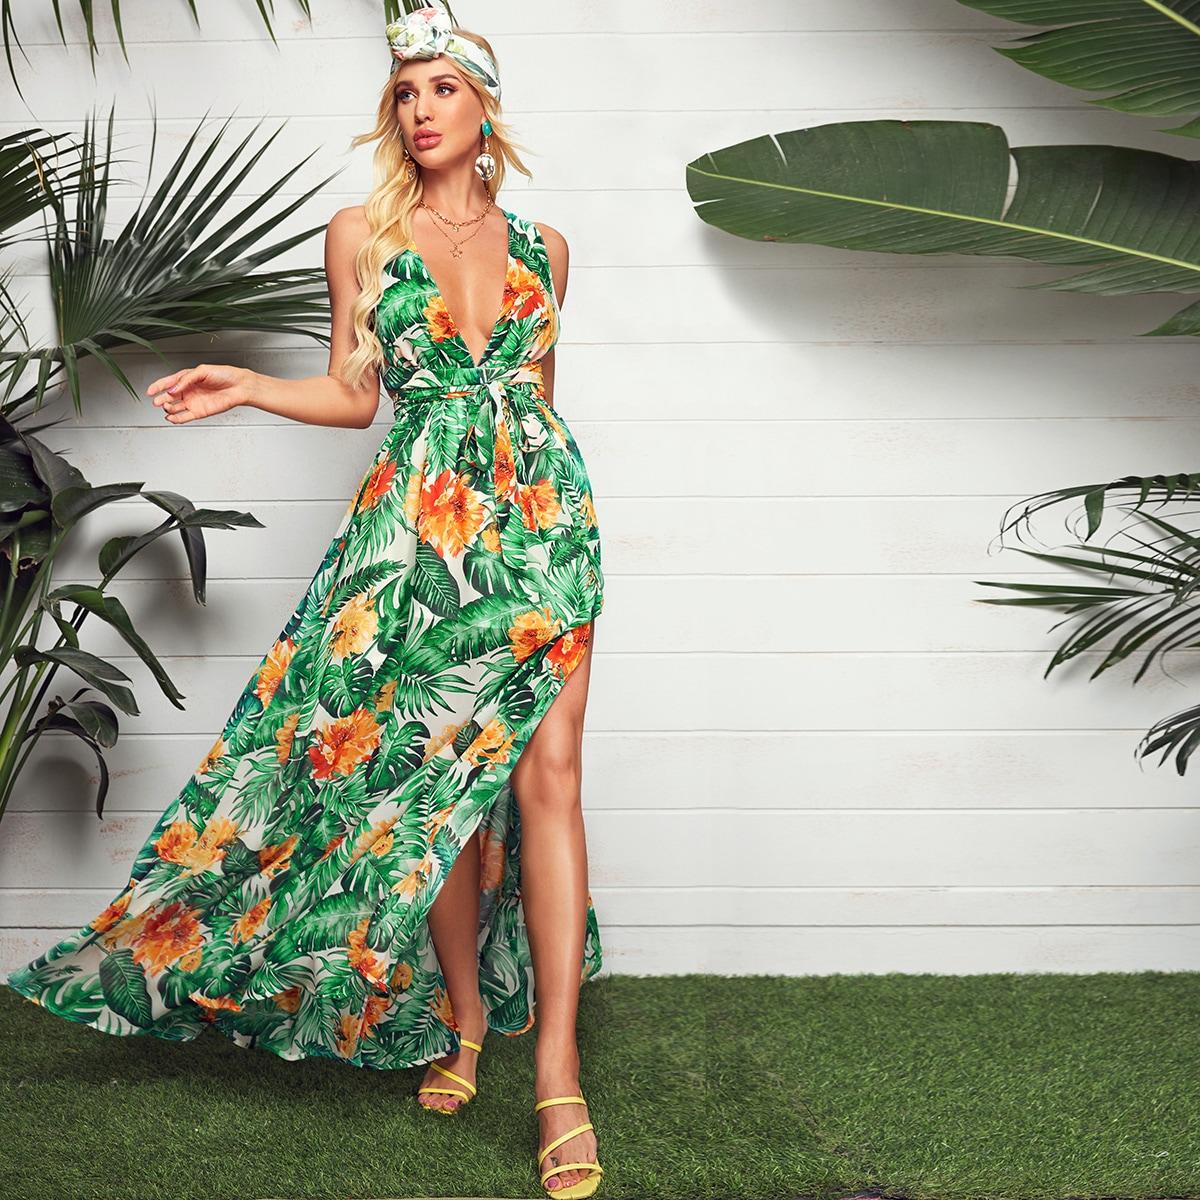 Платье макси с глубоким вырезом, разрезом и тропическим принтом фото